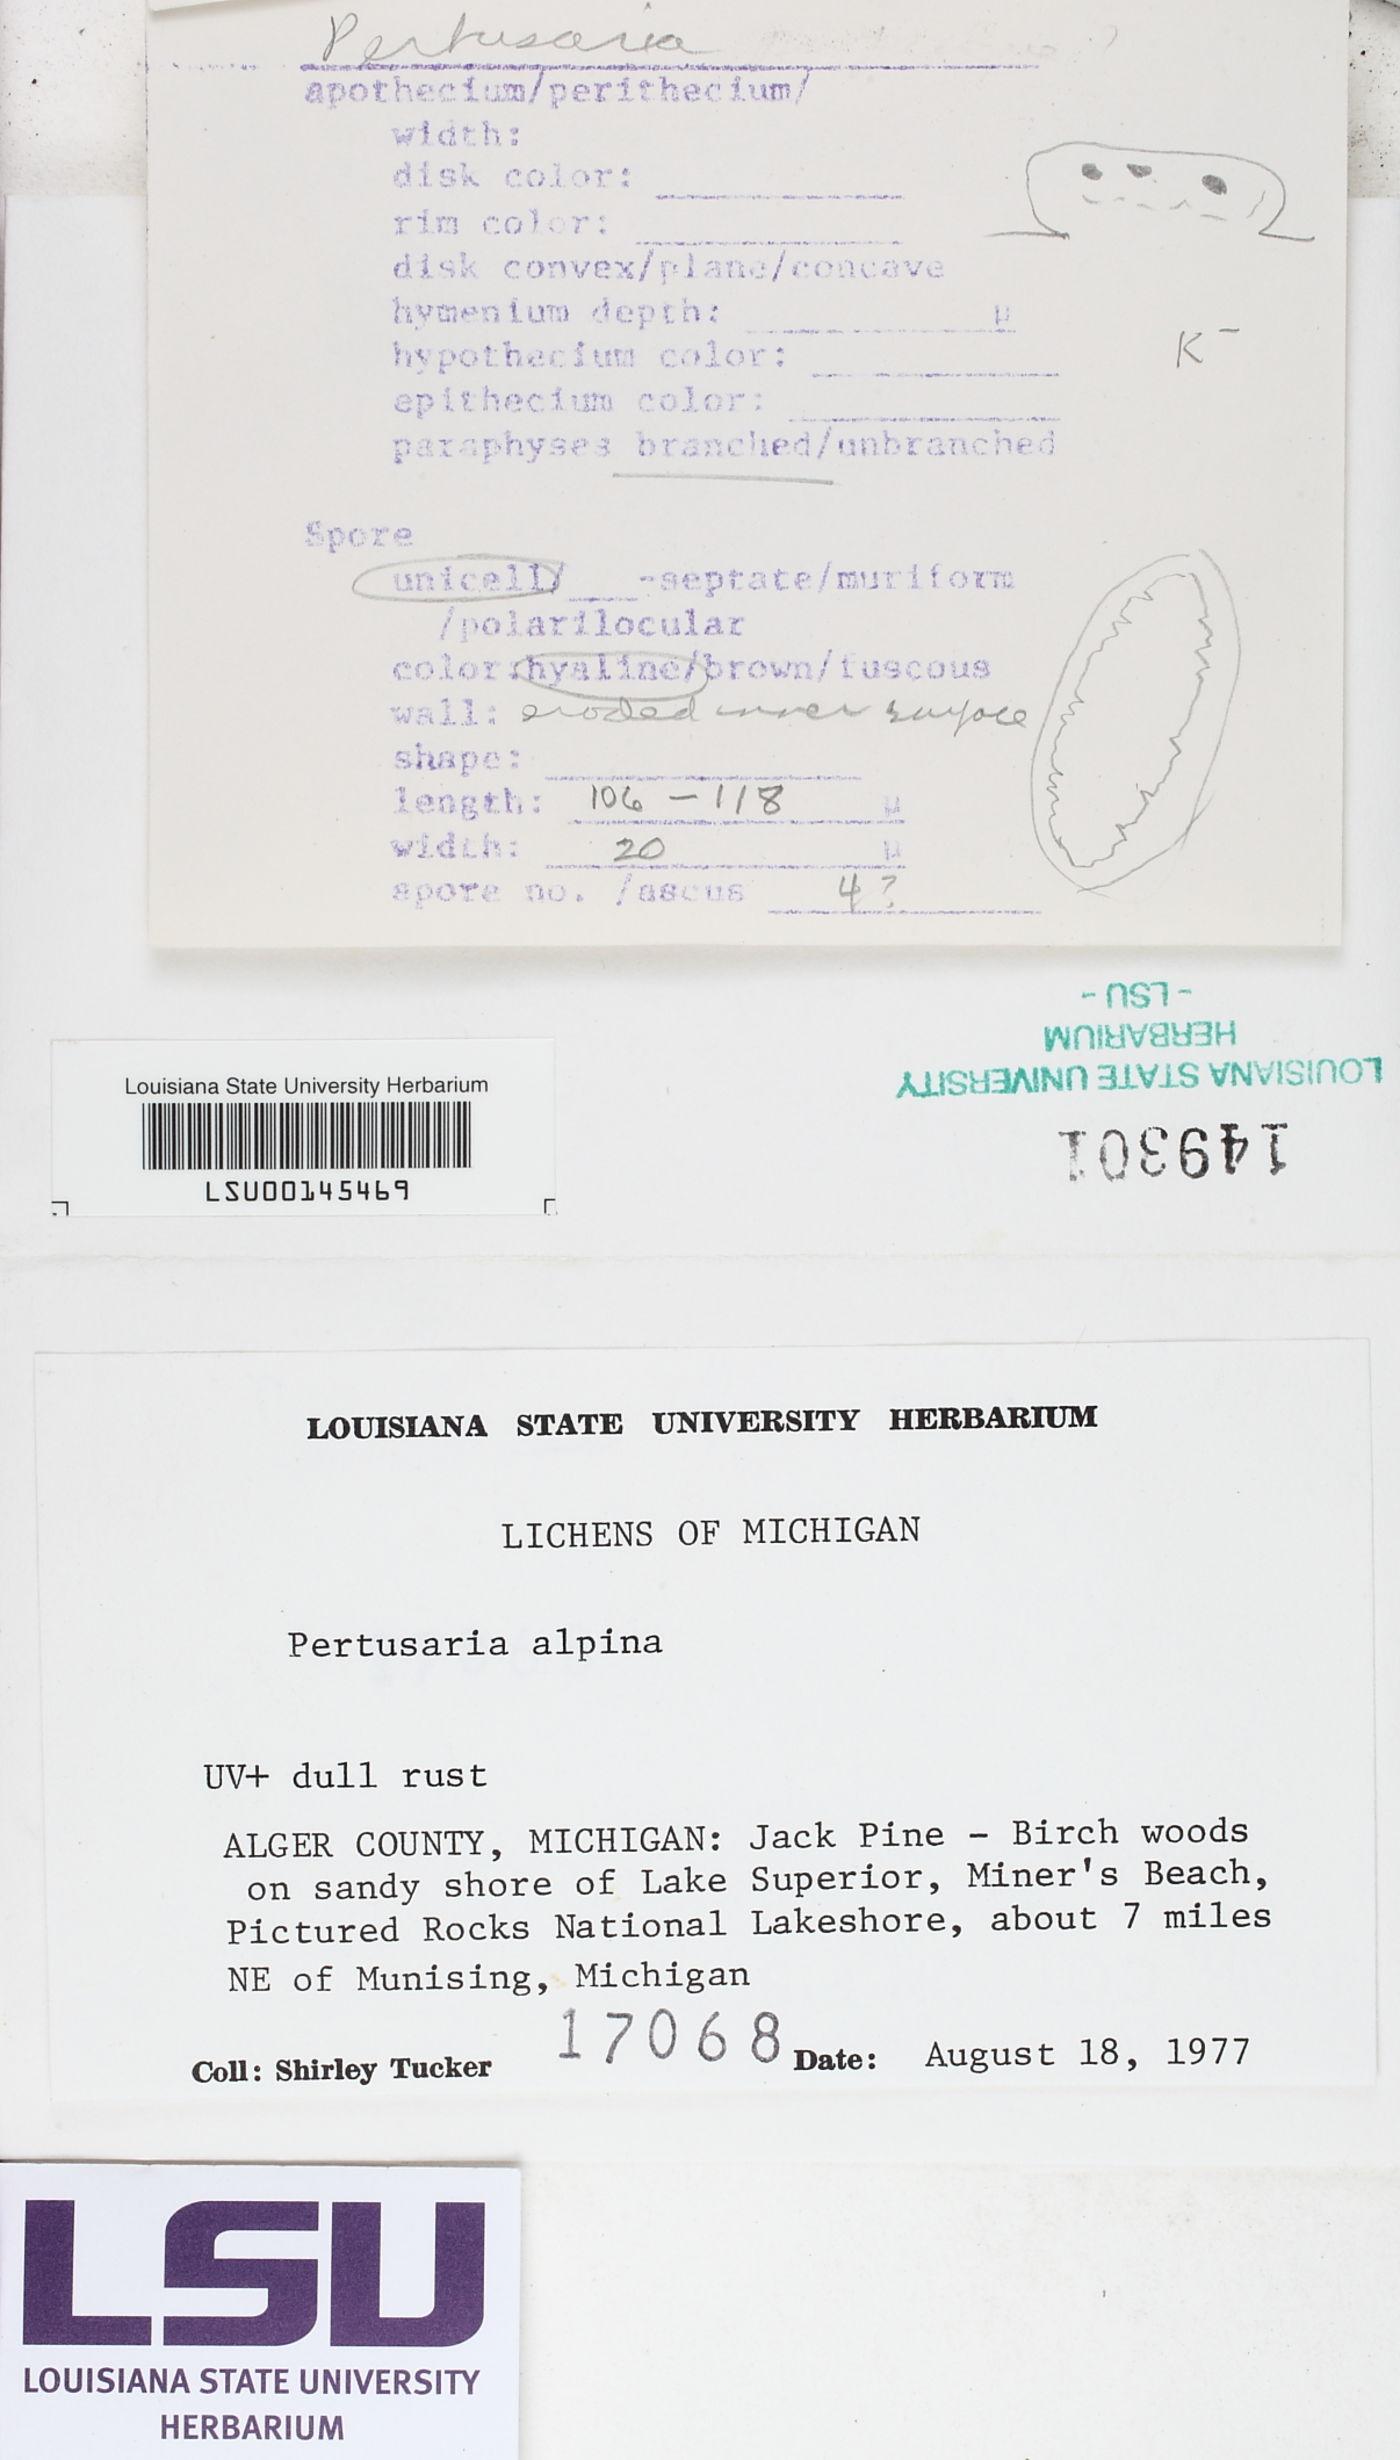 Pertusaria alpina image